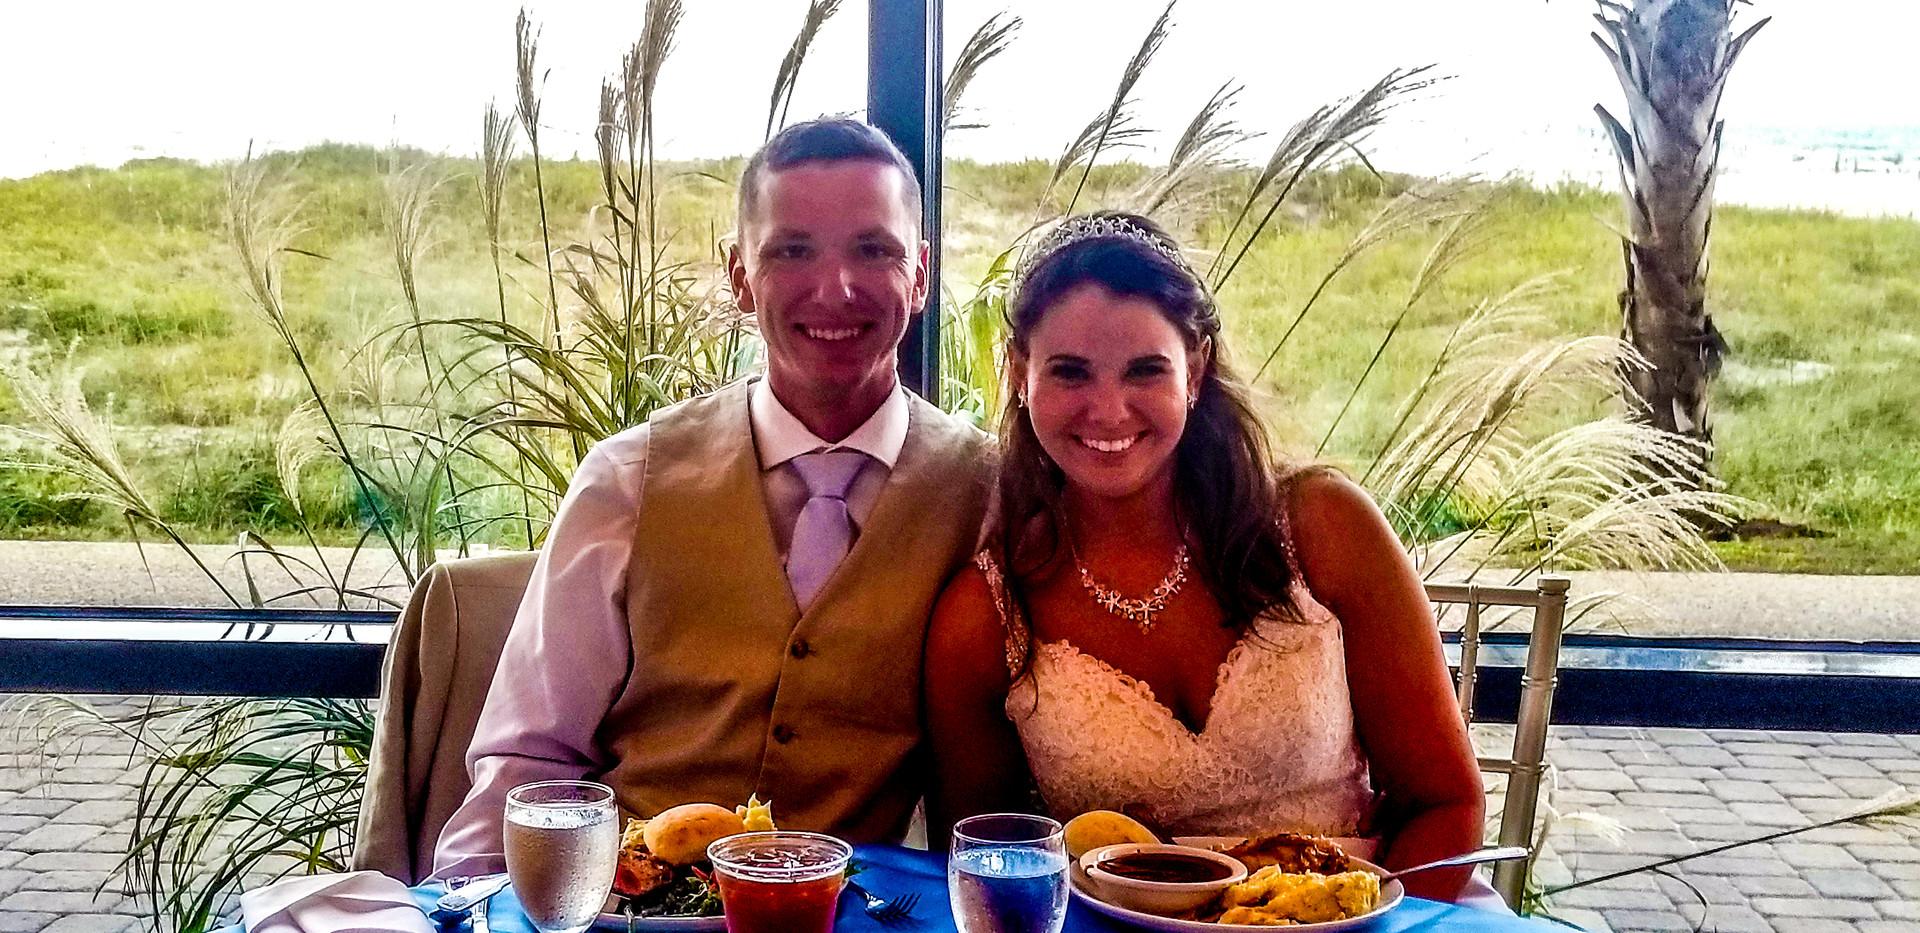 Wedding DJ Service in Wrightsville Beach NC